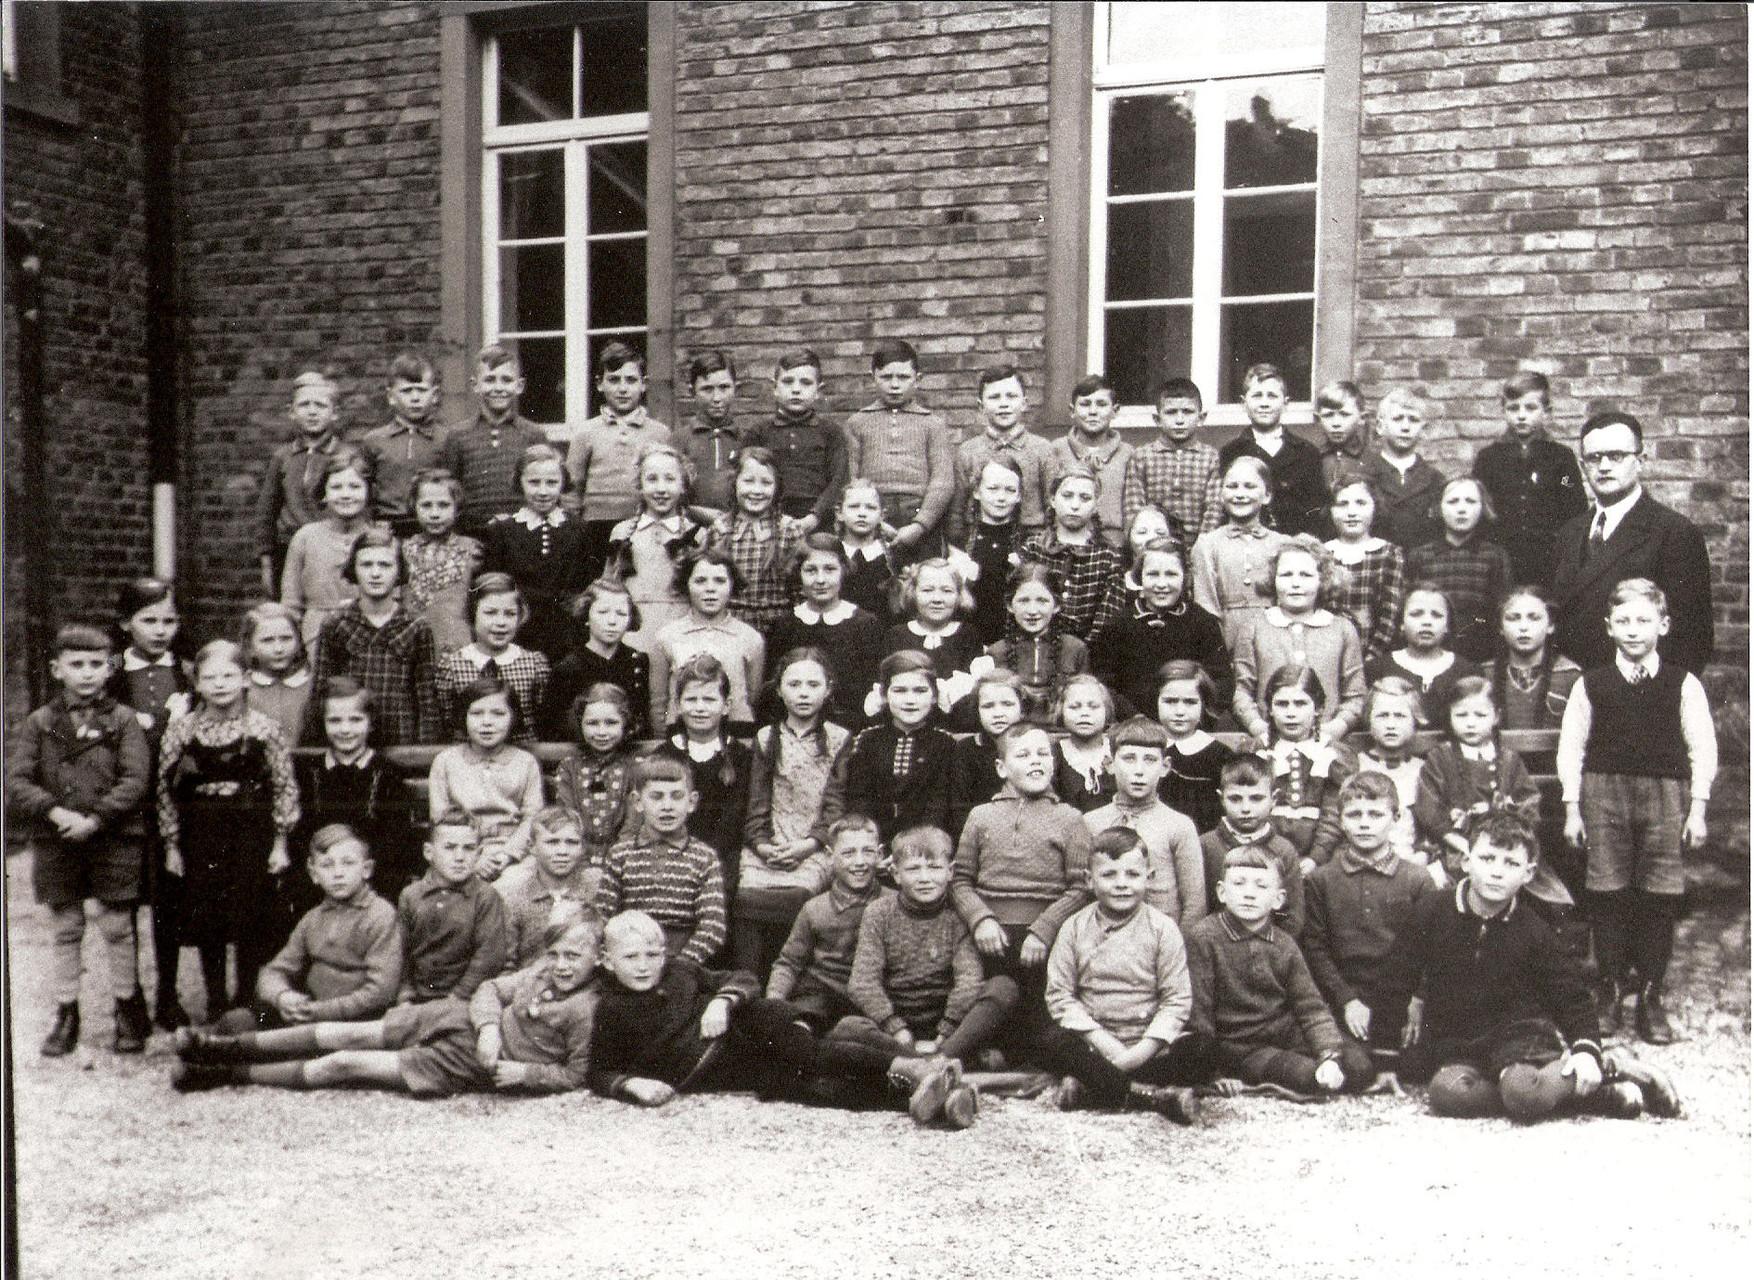 Jahrgang 1928/29, Bild:Kliem, Elfriede geb. Wengorz